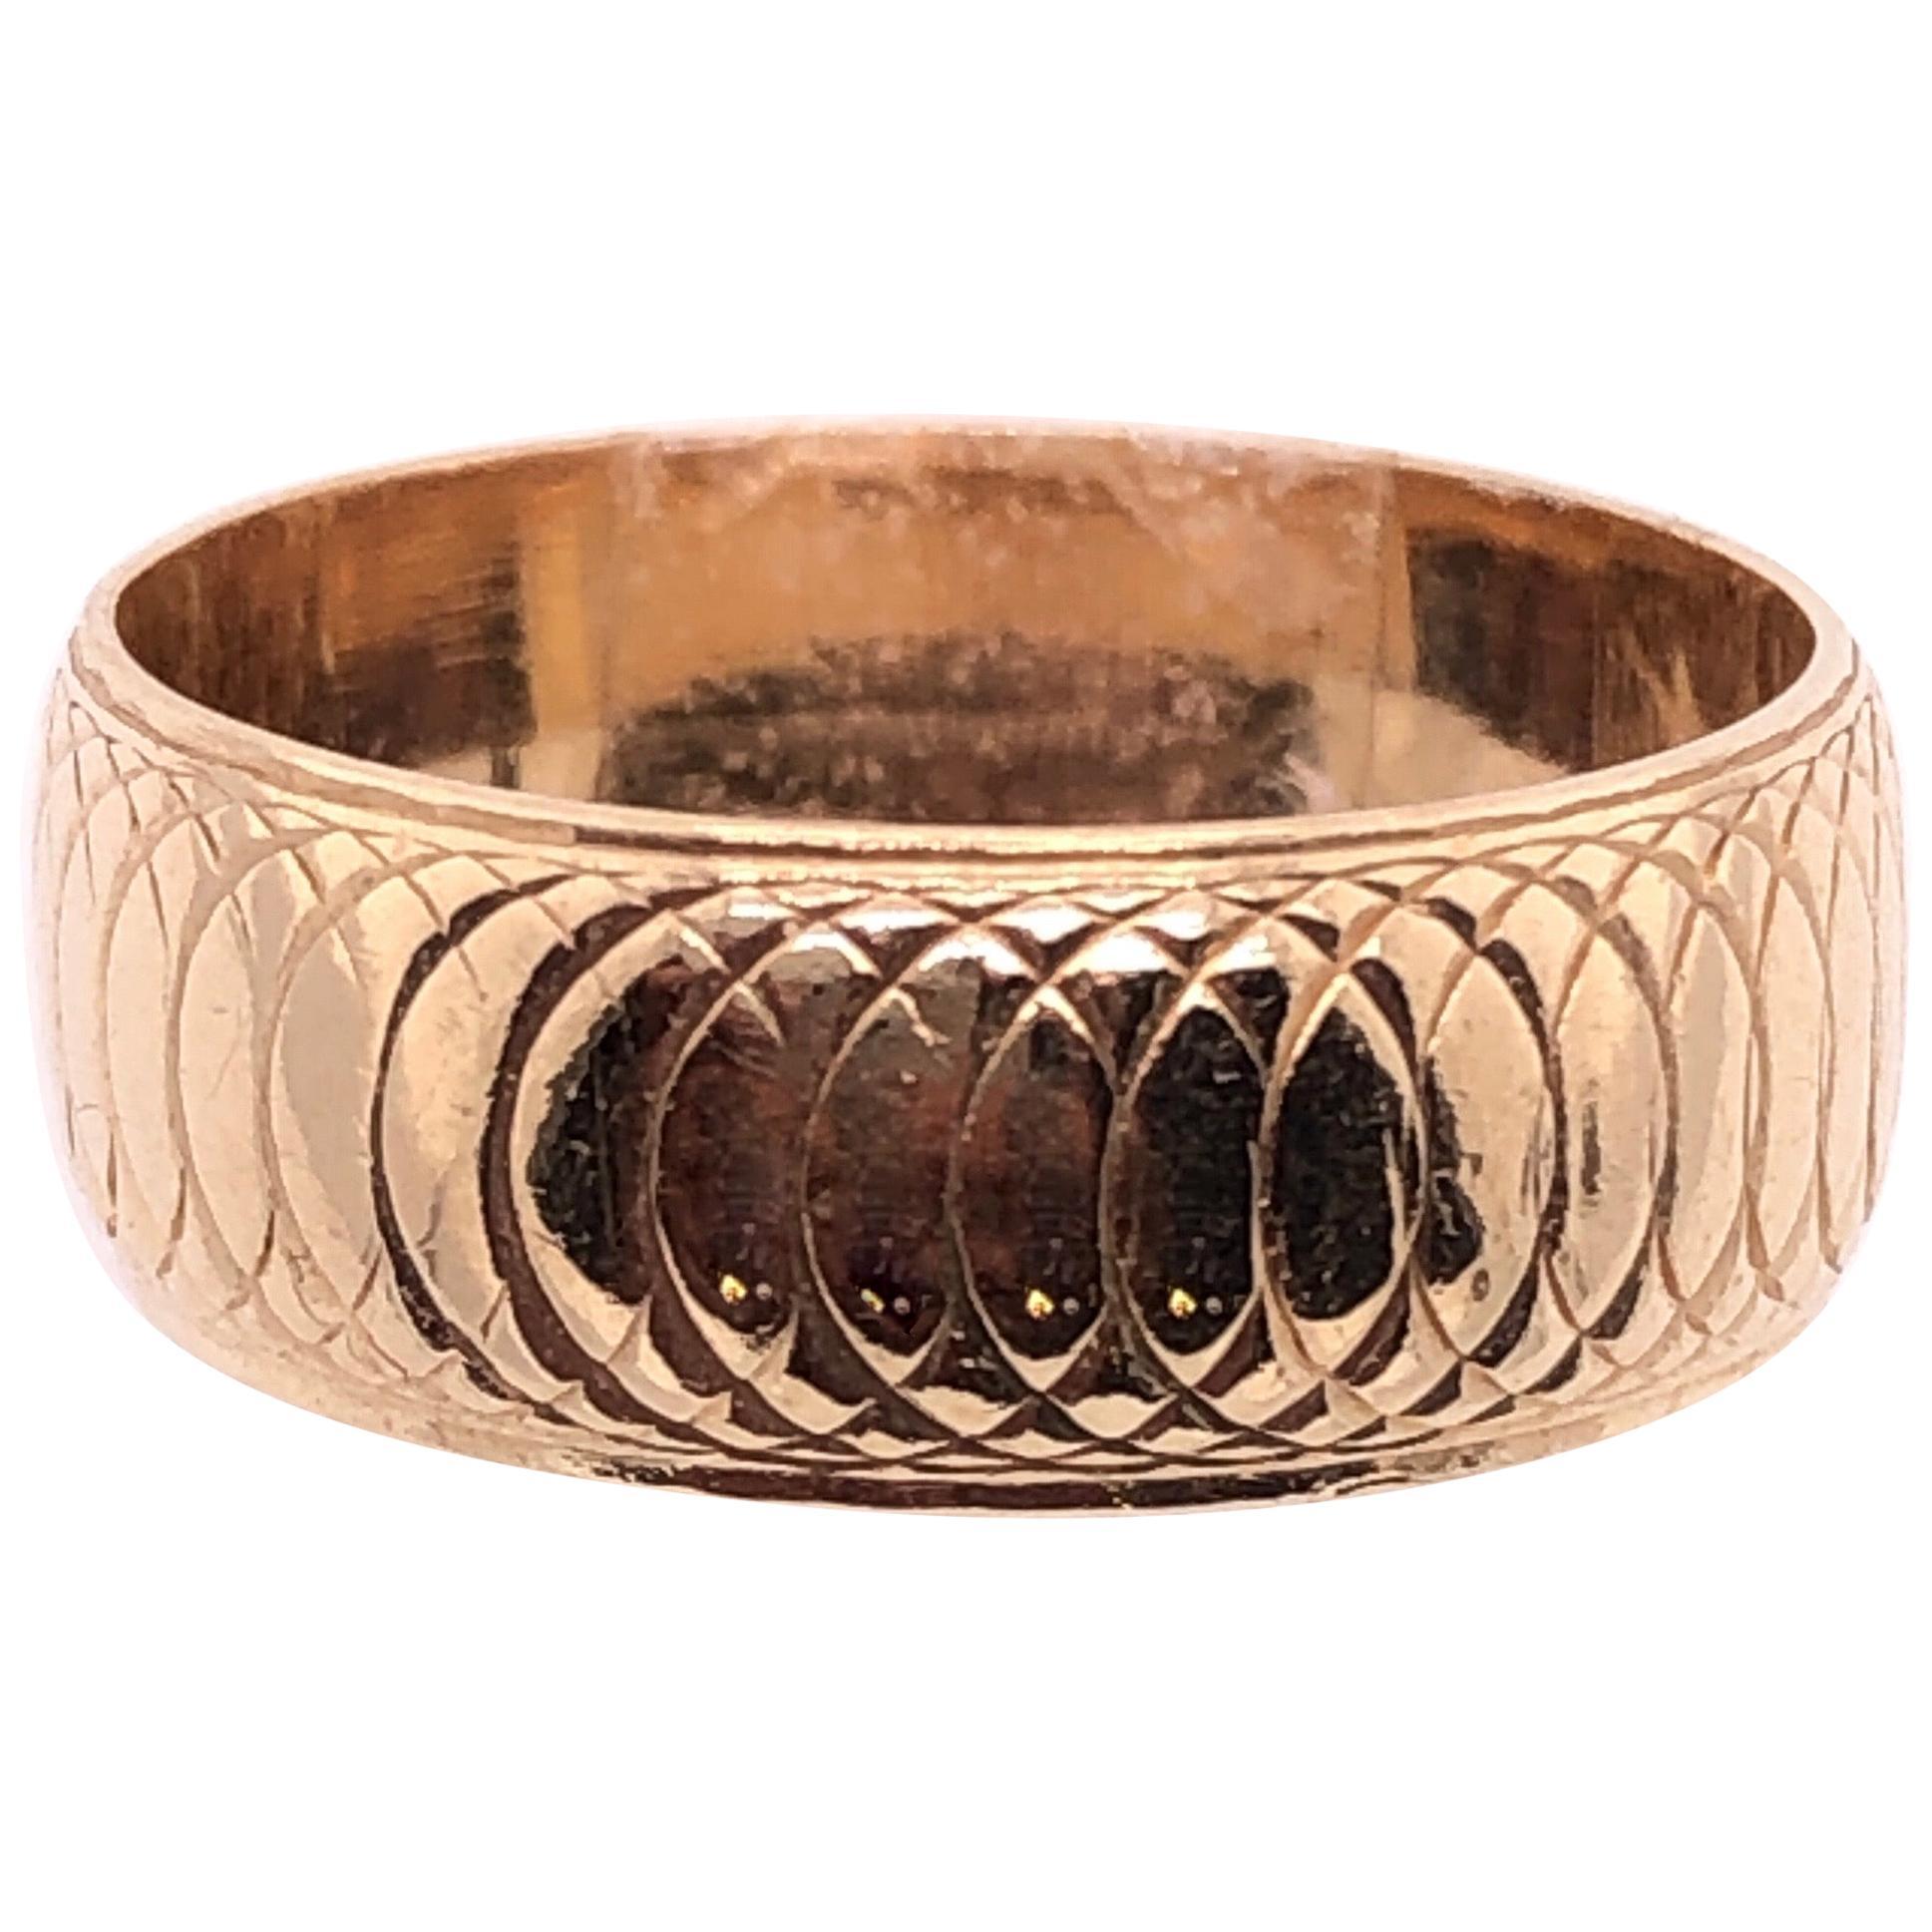 14 Karat Yellow Gold Wedding Ring / Bridal Band Swirl Design